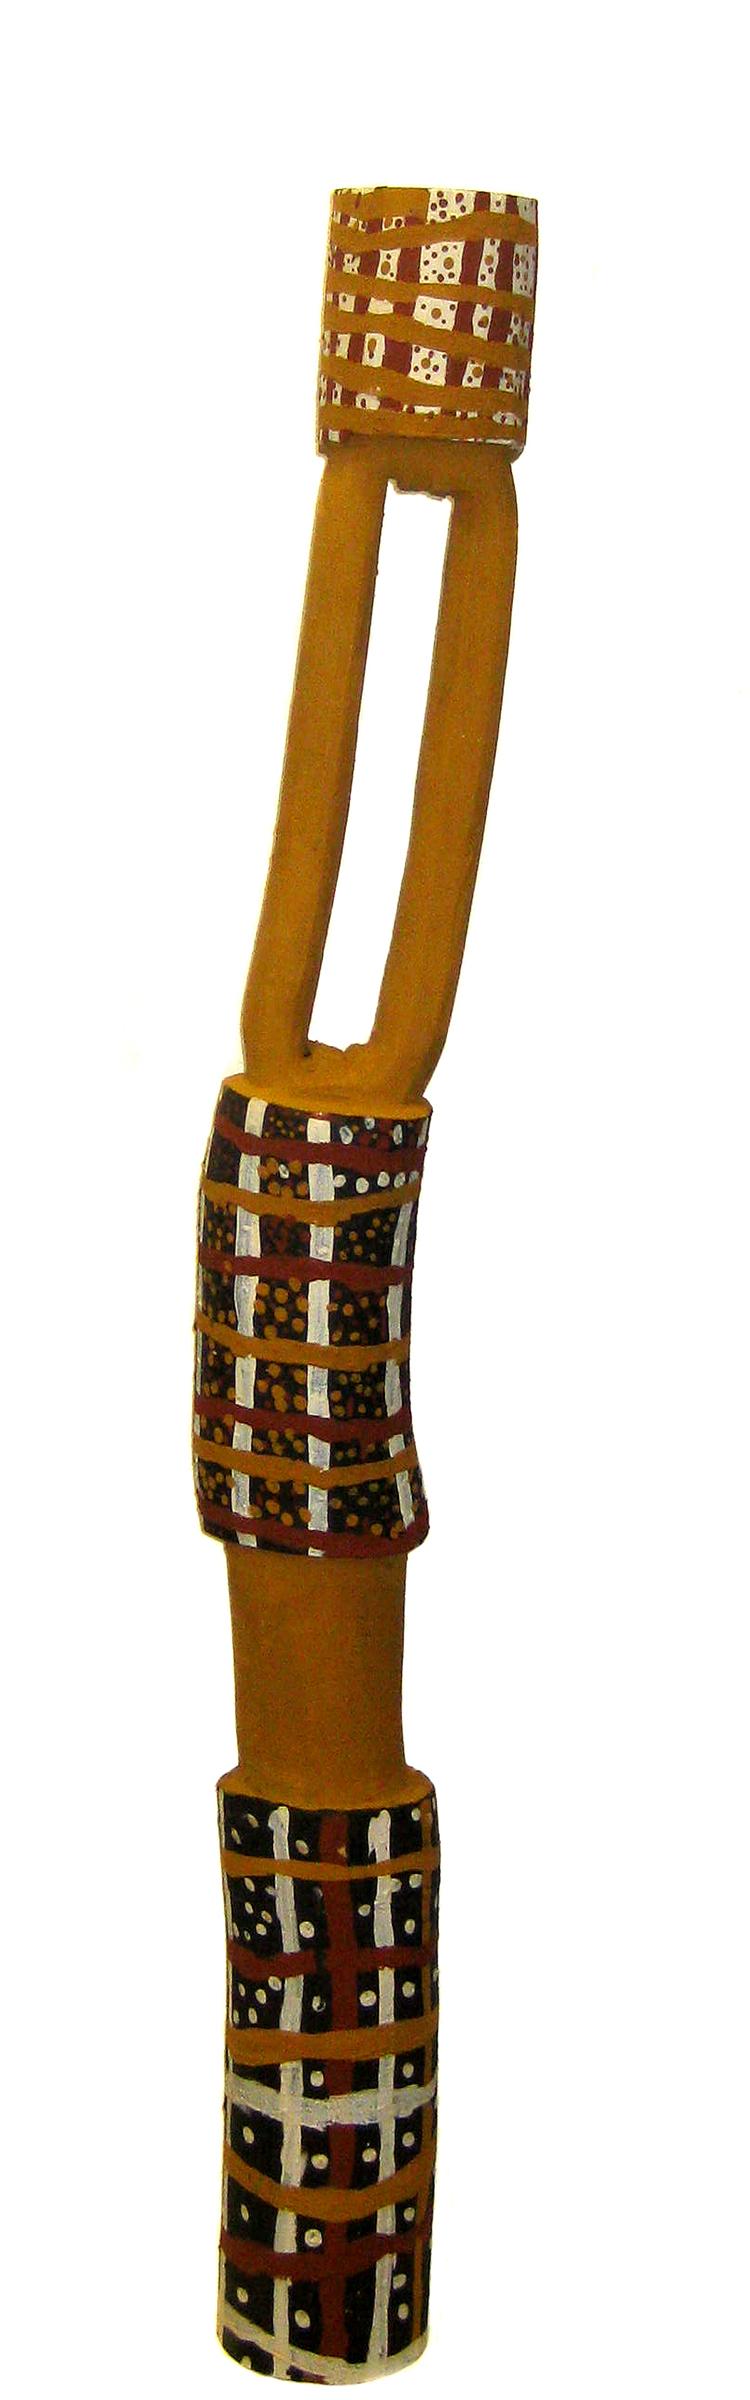 Kulama, 2011  natural earth pigments on ironwood 47inches (120 cm)   Jilamara Arts & Crafts Catalog #157-11     EMAIL INQUIRY